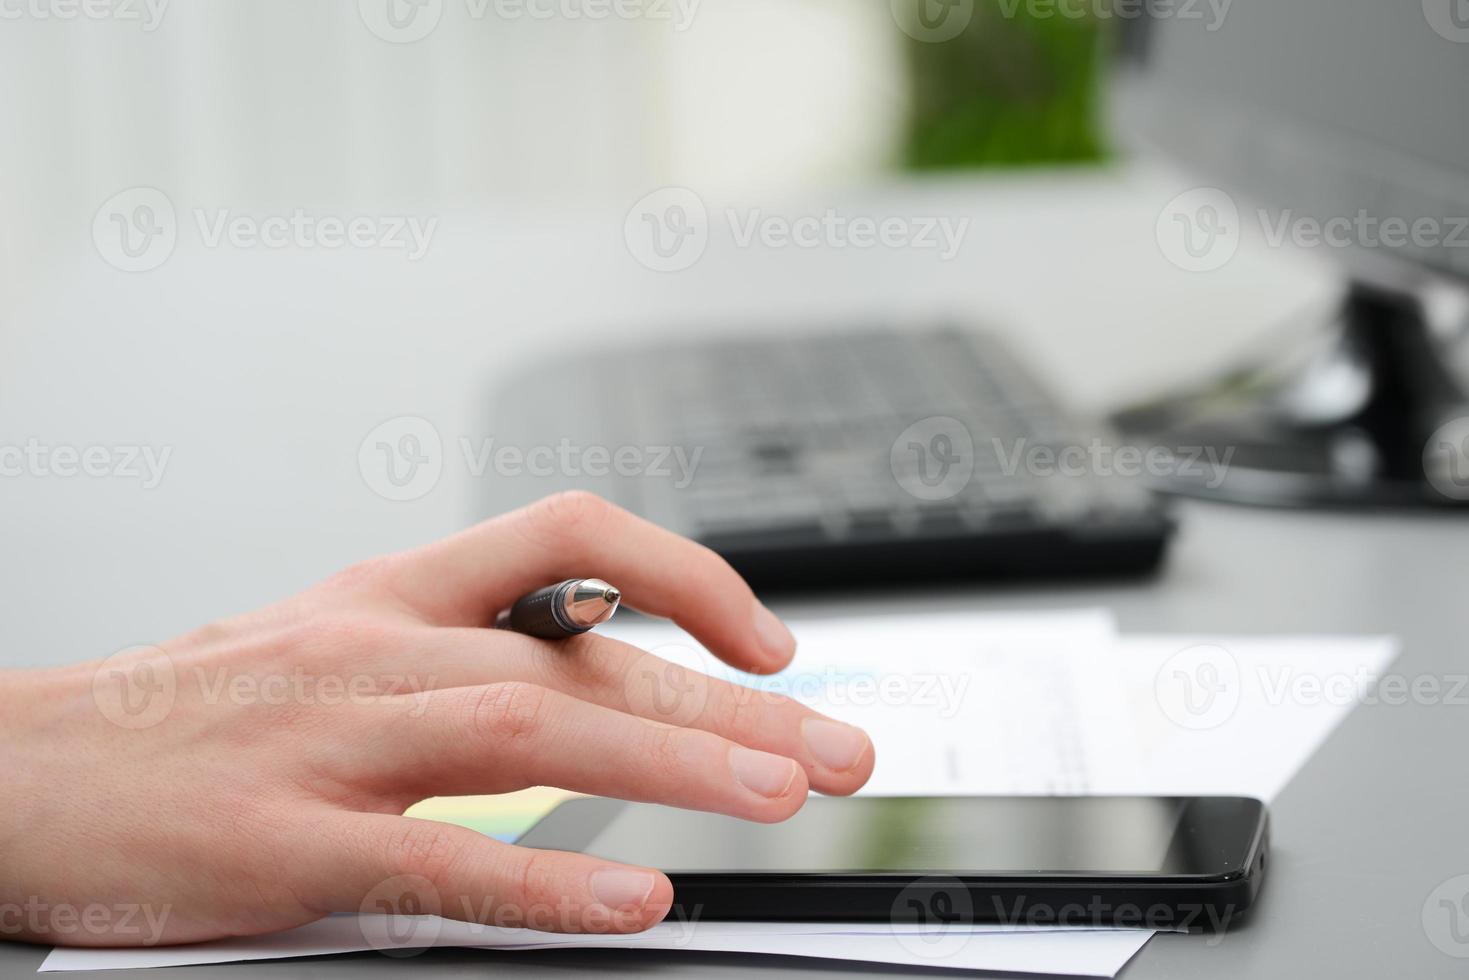 fechar detalhes de mãos digitando no smartphone foto